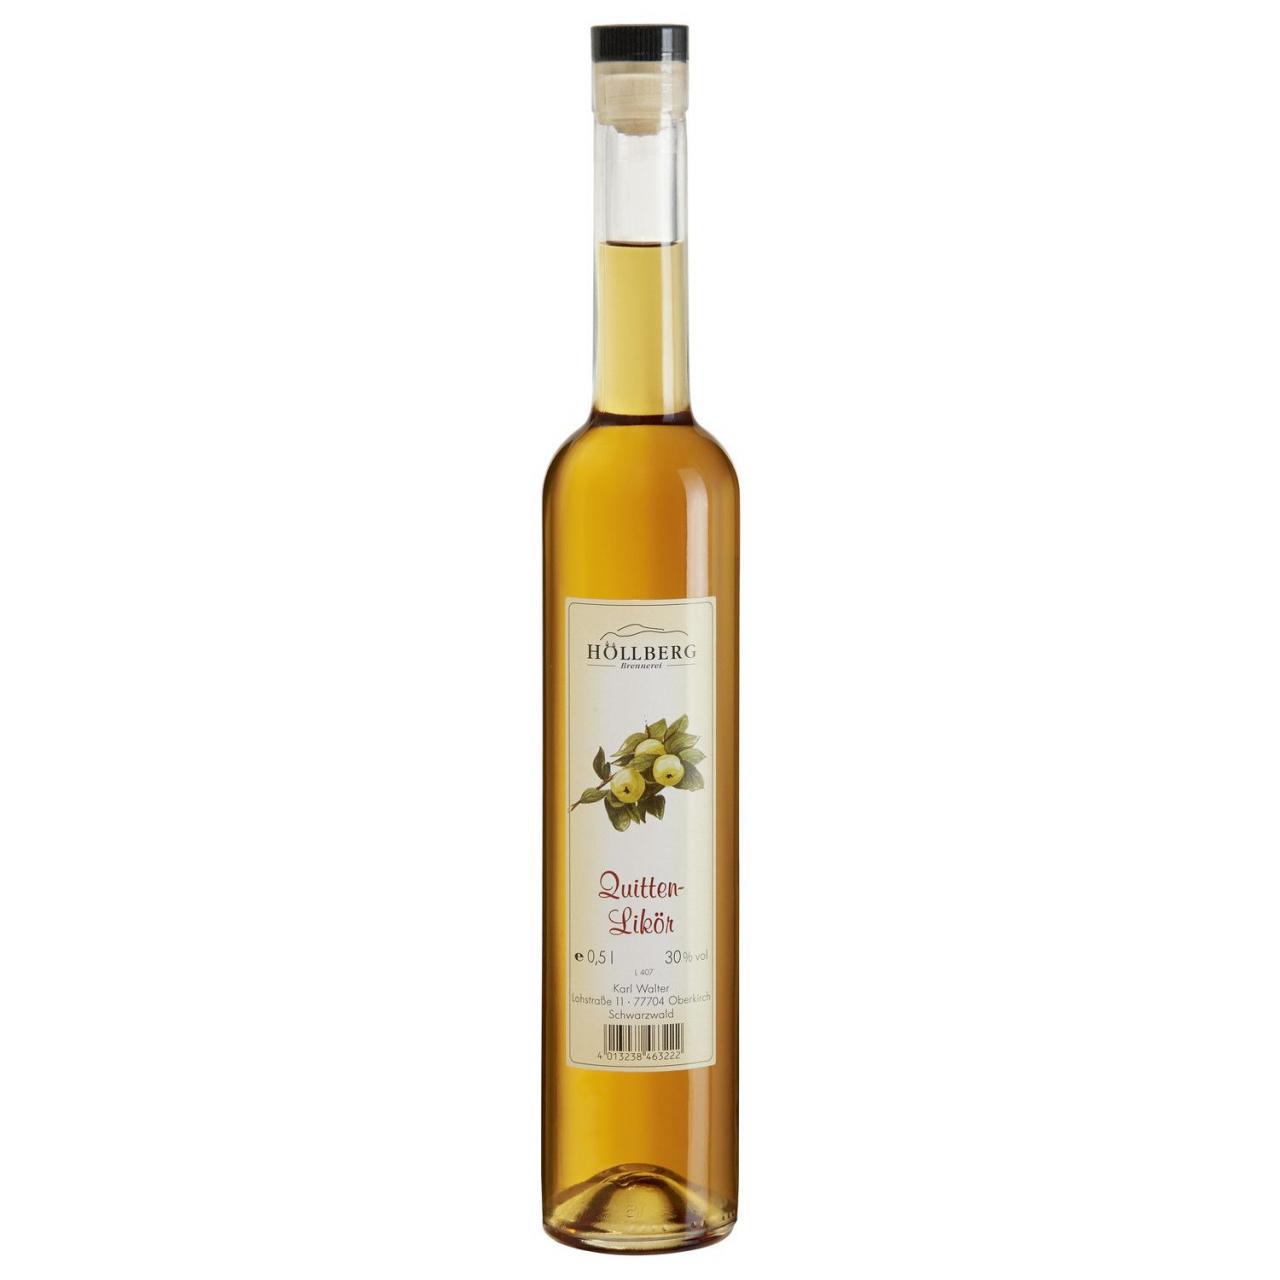 0,5 Liter Flasche Höllberg Quitten likör mit einem Alkohlgehalt von 30%